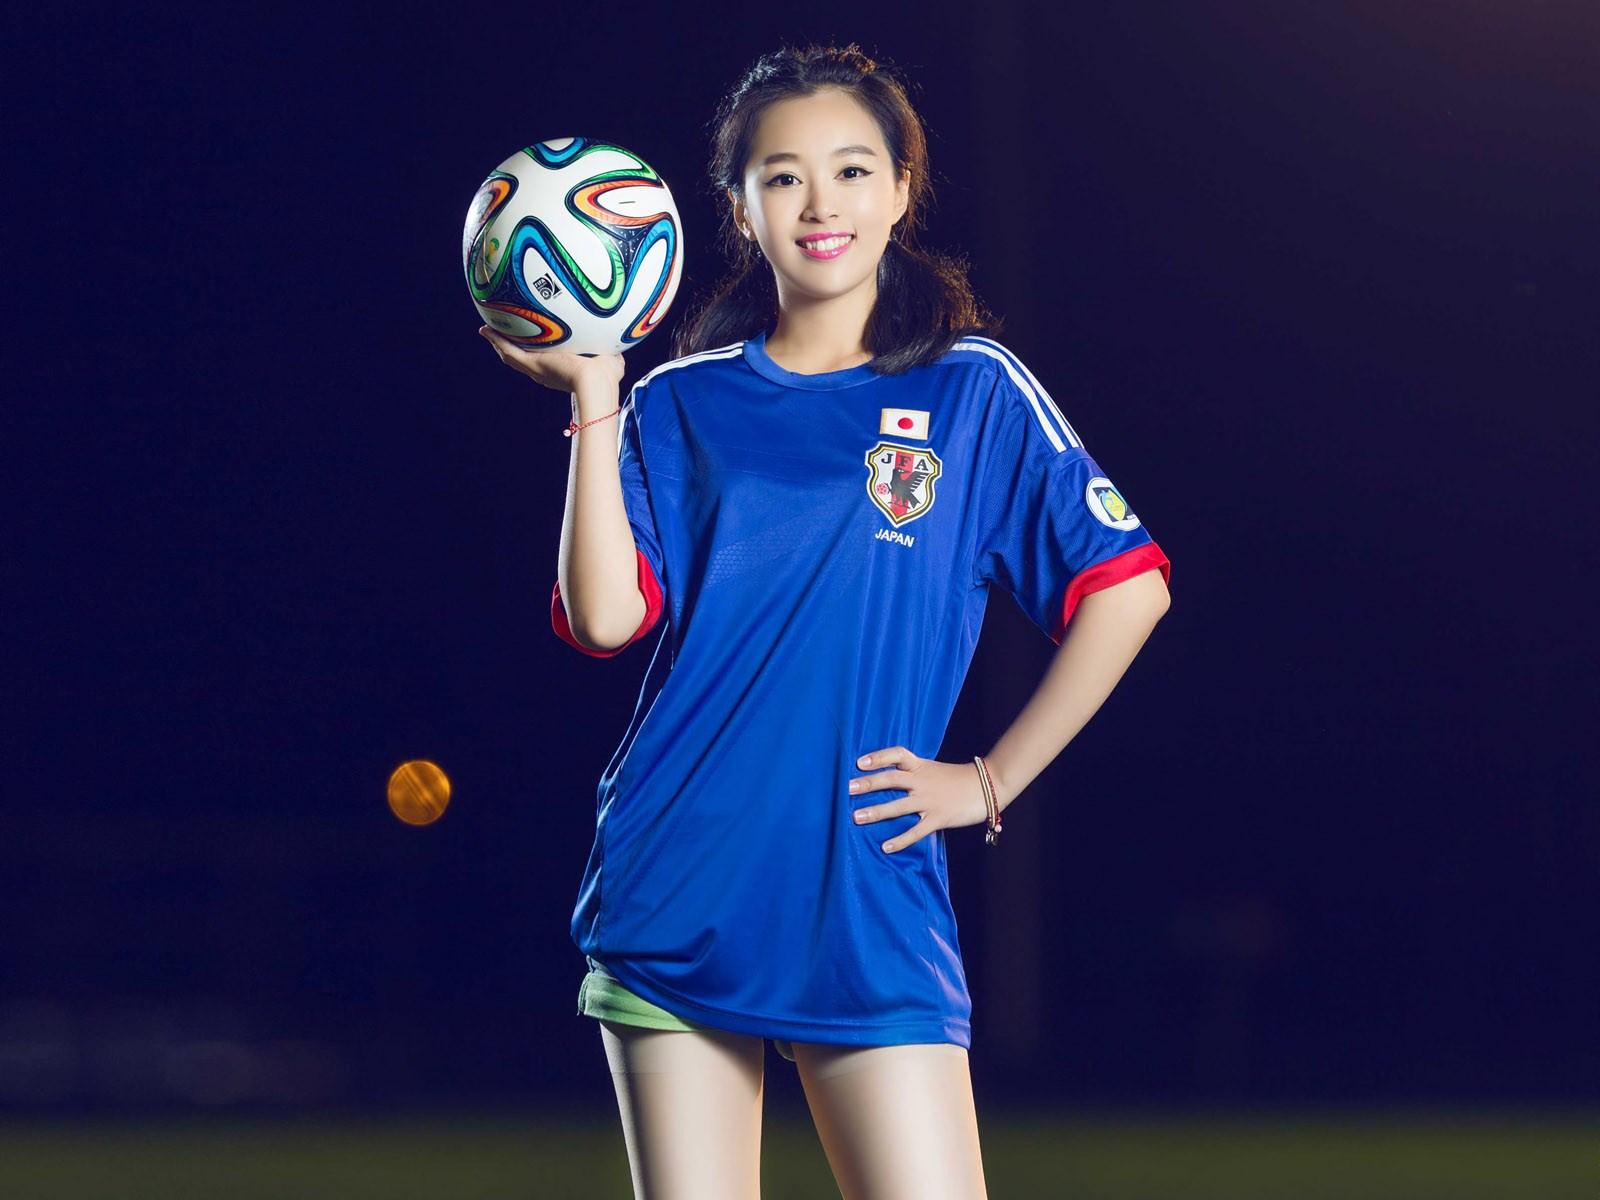 > 足球少女精美高清写真电脑桌面壁纸